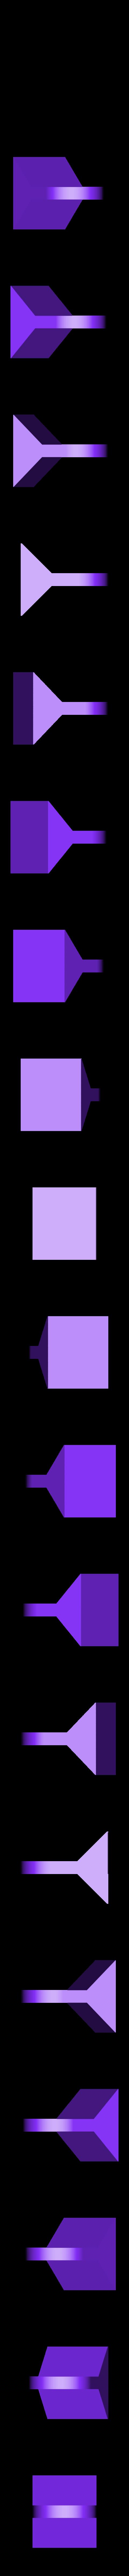 stop.stl Télécharger fichier STL gratuit Planche courbe multifonctionnelle • Design imprimable en 3D, Minweth